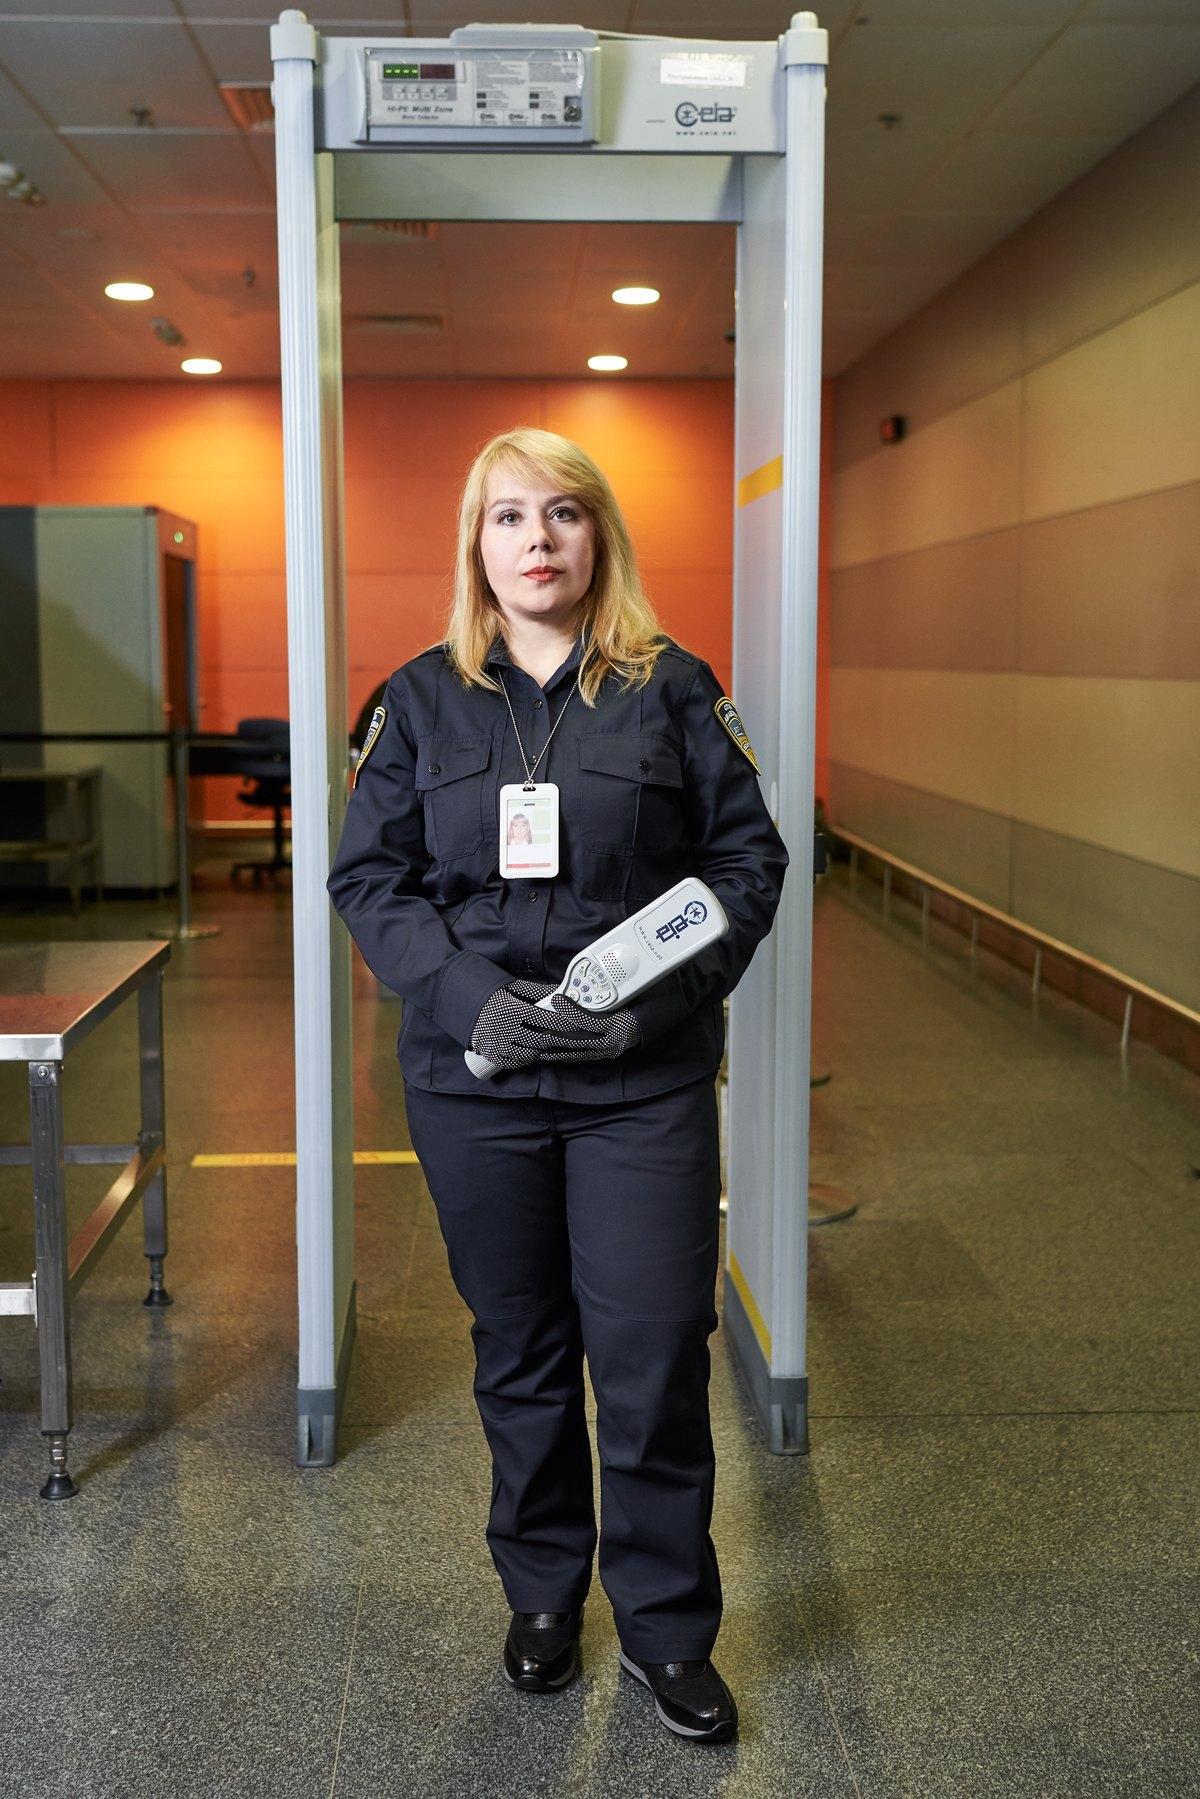 Жінки, які працюють в аеропорту «Бориспіль», хто вони? (частина 1) -  - ArwB9HYKo4GjjEGg66WElw